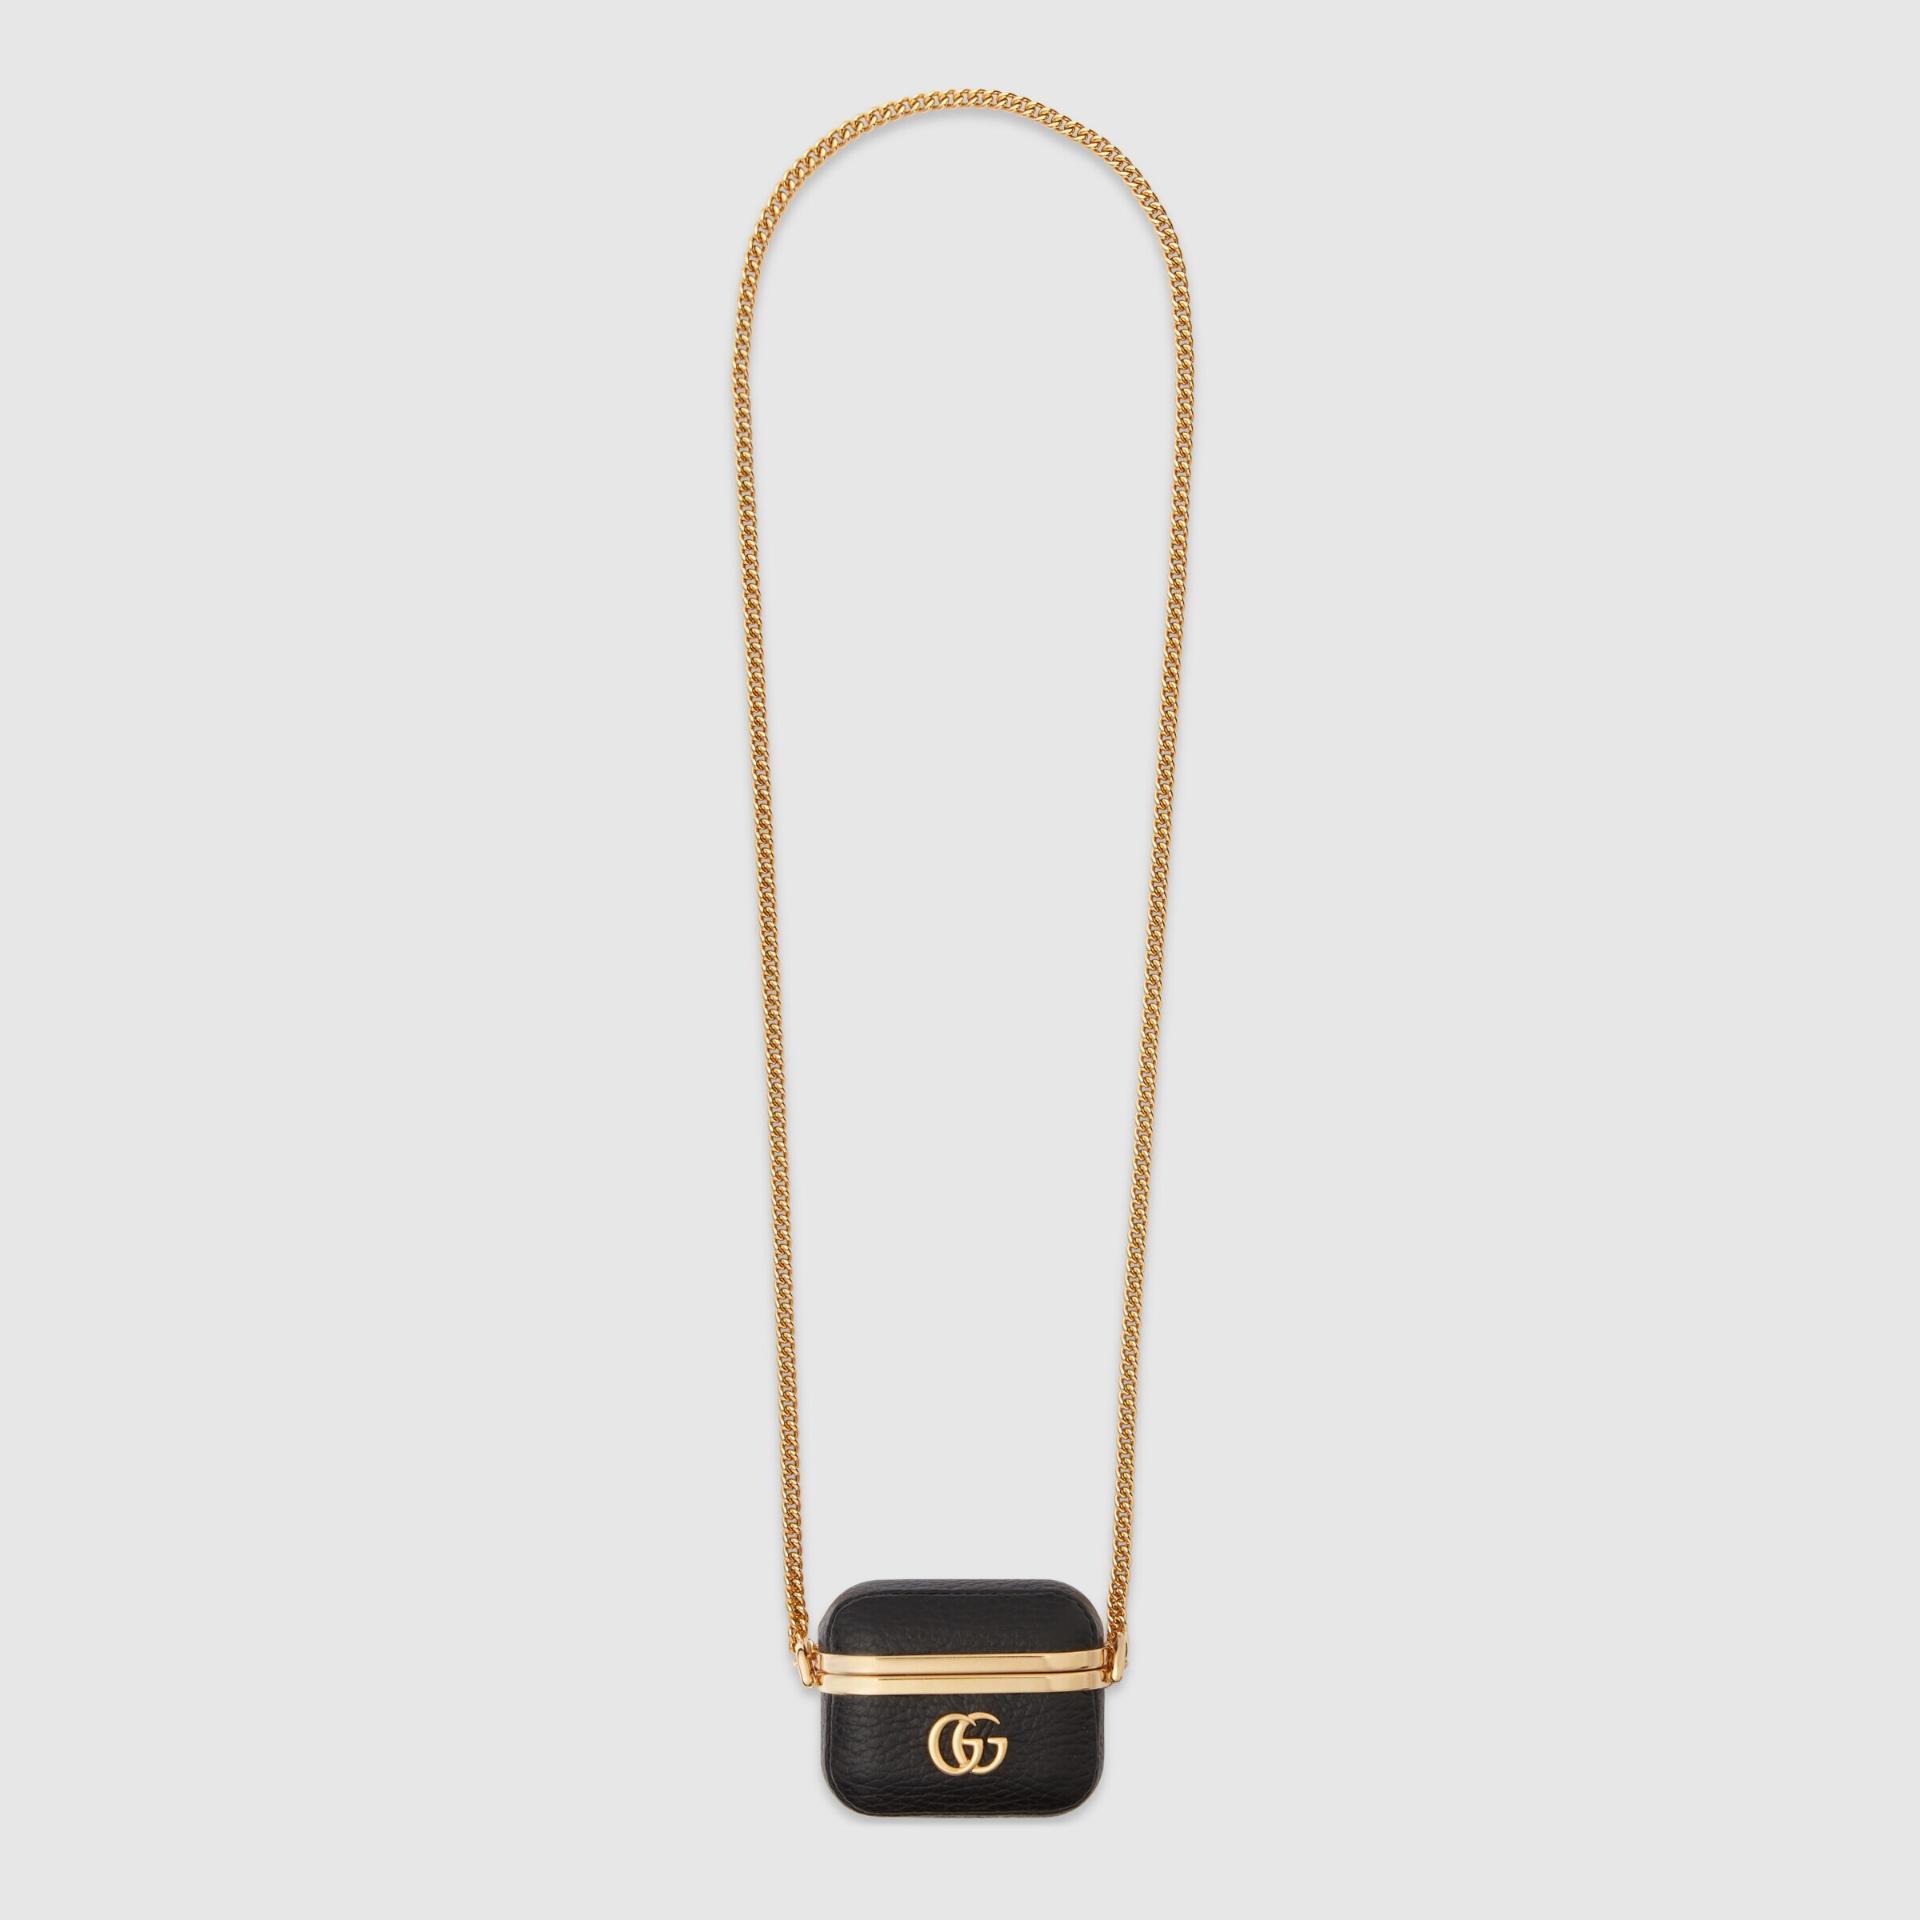 유럽직배송 구찌 GUCCI Gucci Online Exclusive GG Marmont ear buds case, fits AirPods Pro 67596417WEG8457